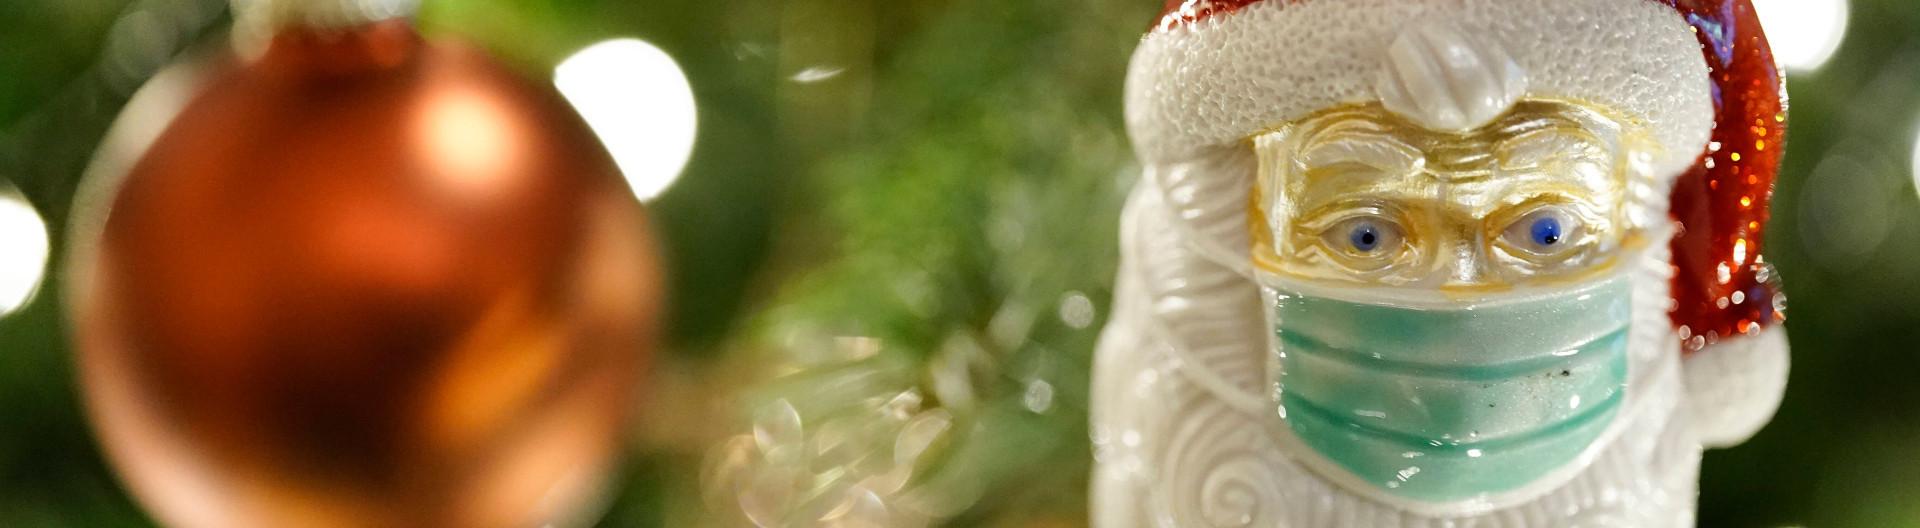 Spezielle Kugel am Weihnachtsbaum: Nikolaus mit Mundschutz